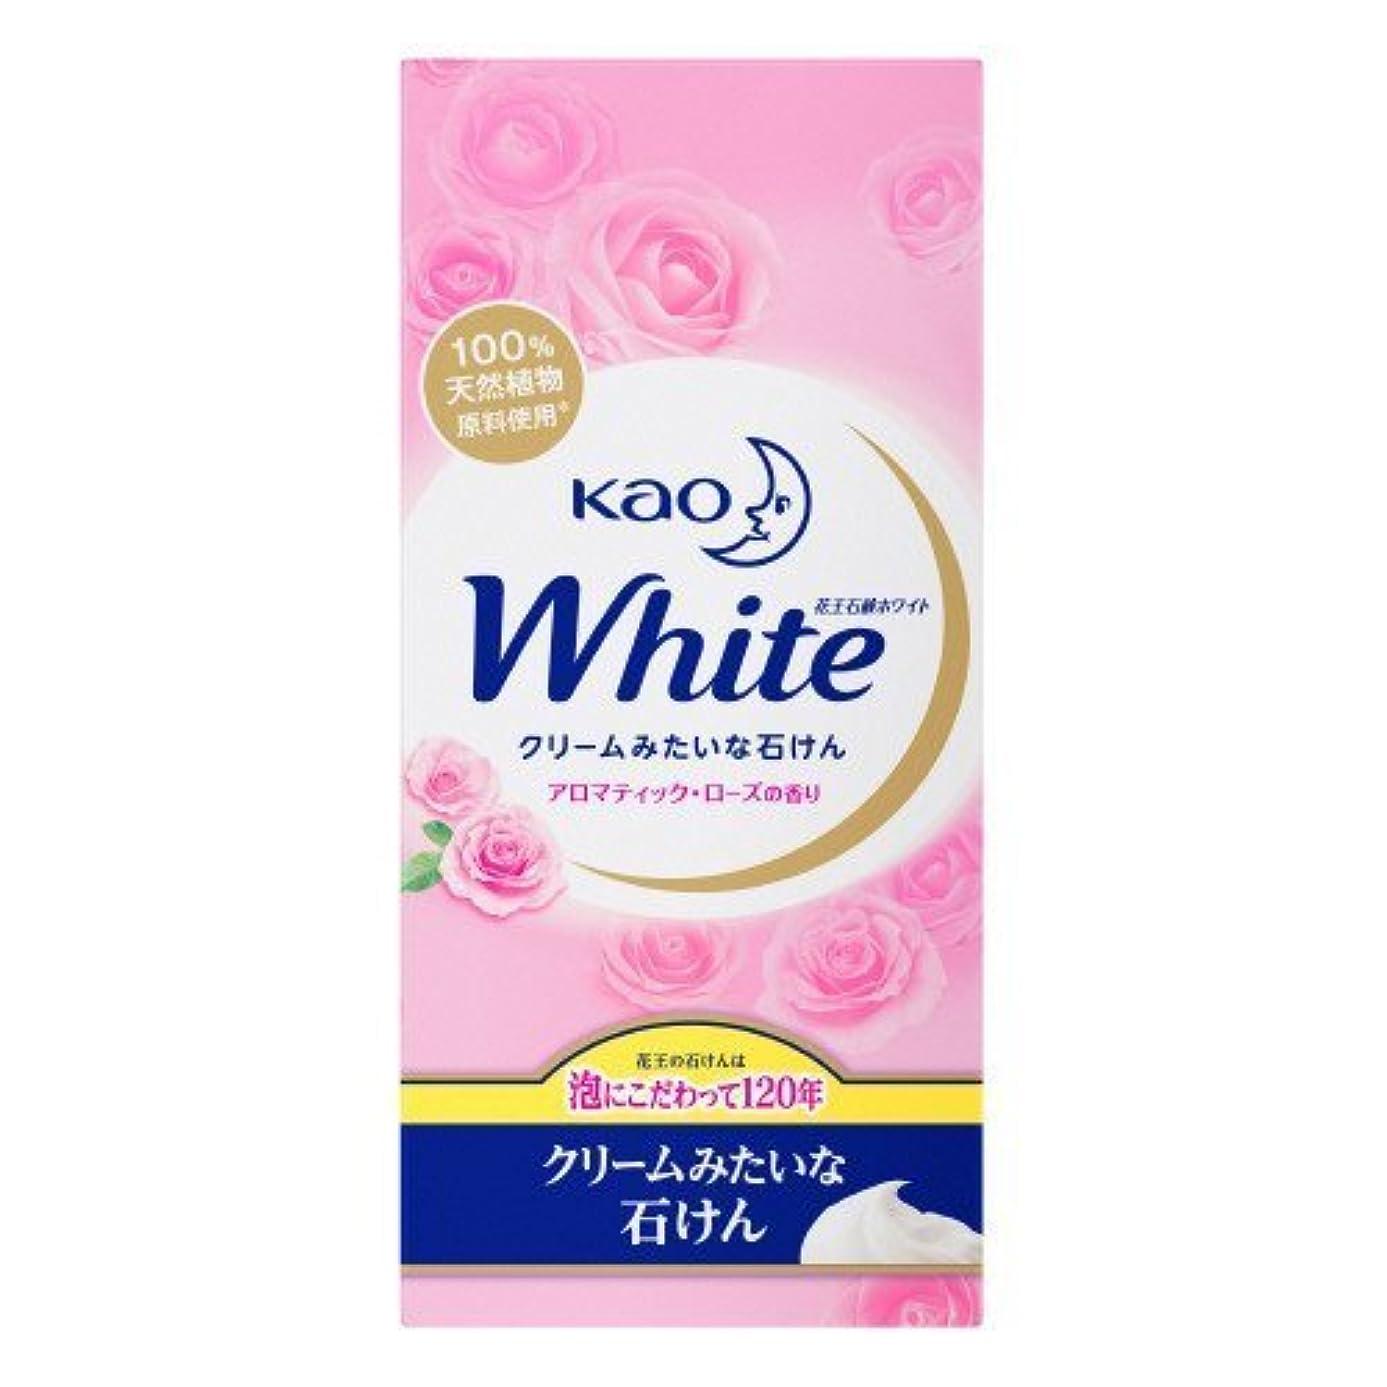 ファイアルお誕生日心臓【花王】花王ホワイト アロマティックローズの香りレギュラーサイズ (85g×6個) ×10個セット